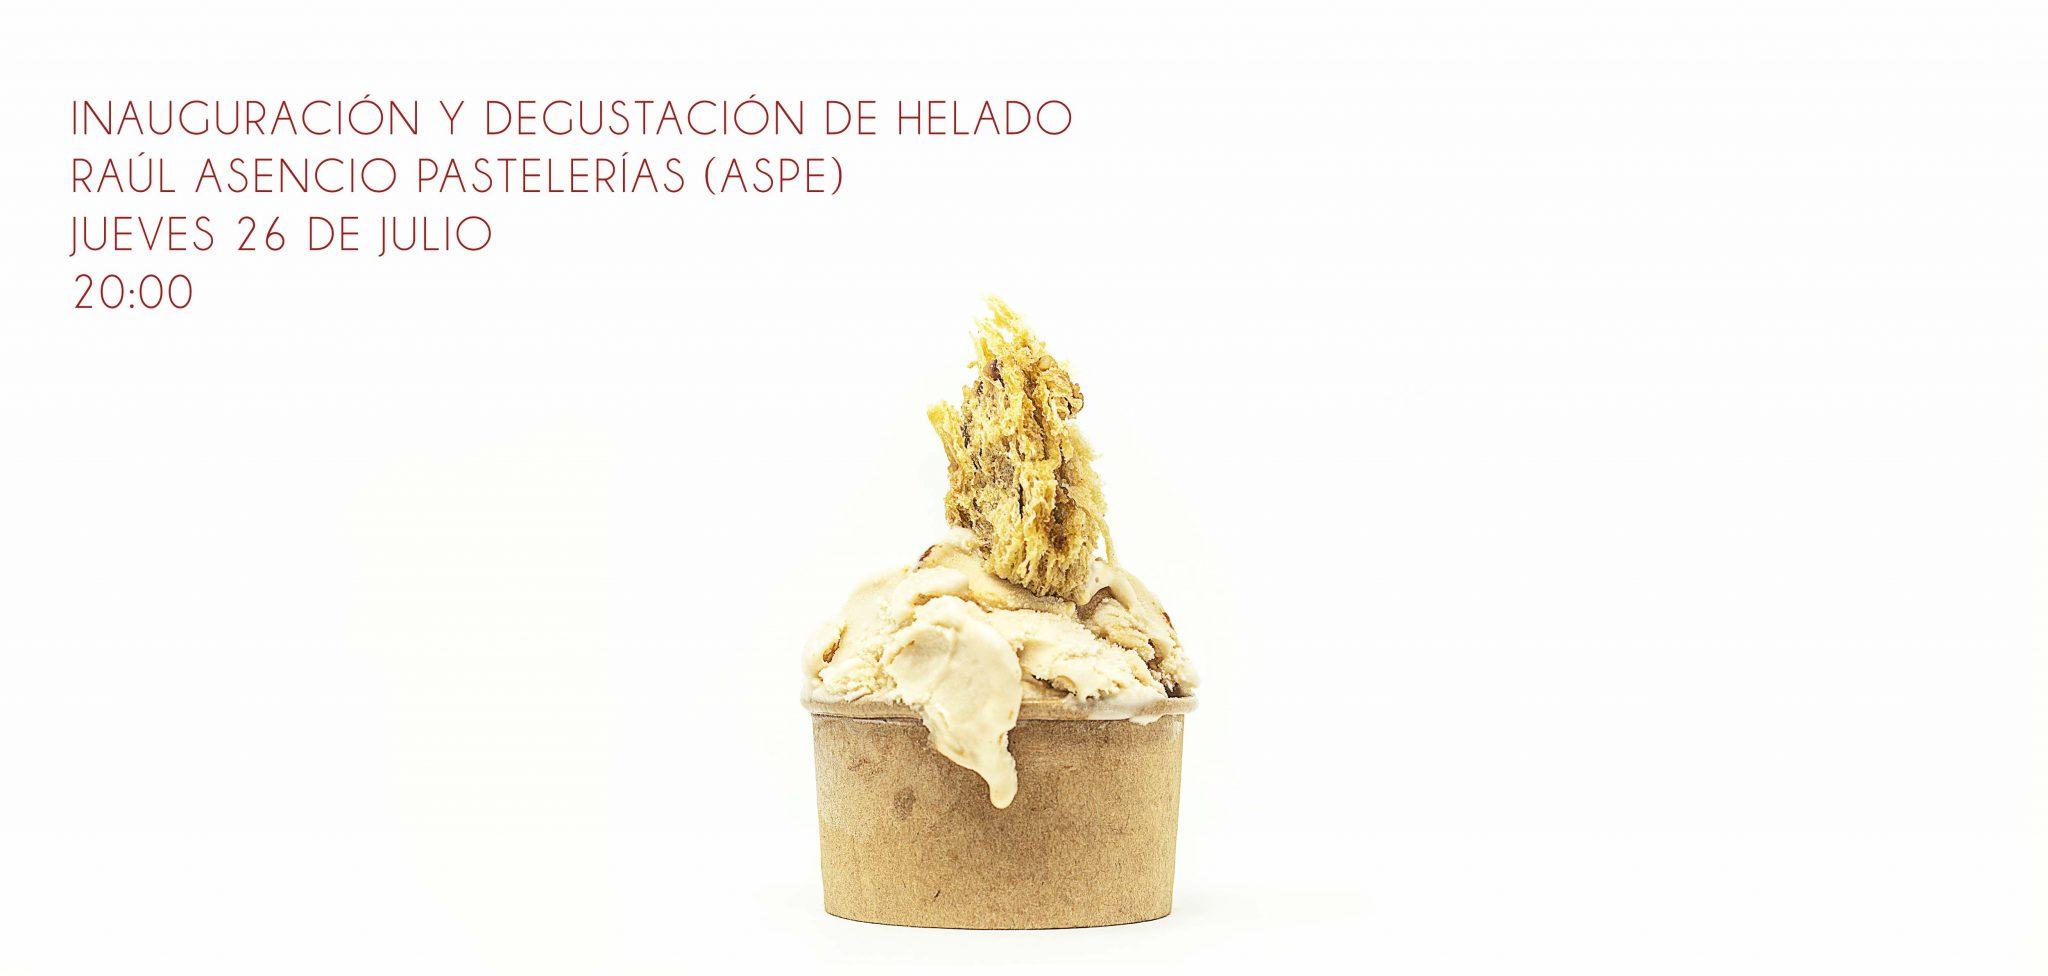 helado panettone Raúl Asencio Pastelerías